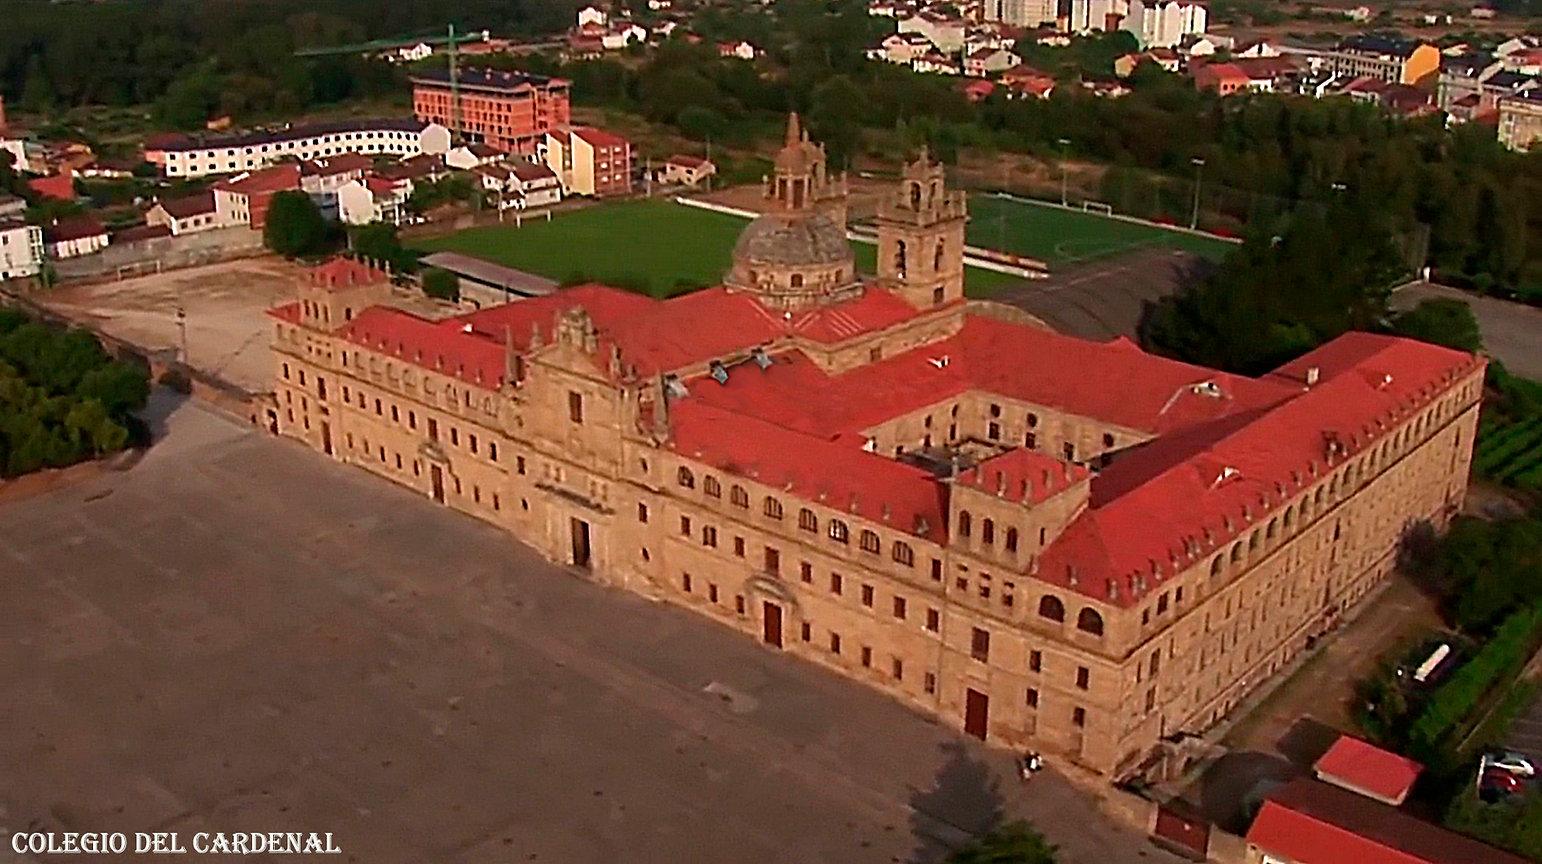 Colegio del Cardenal-1.jpg